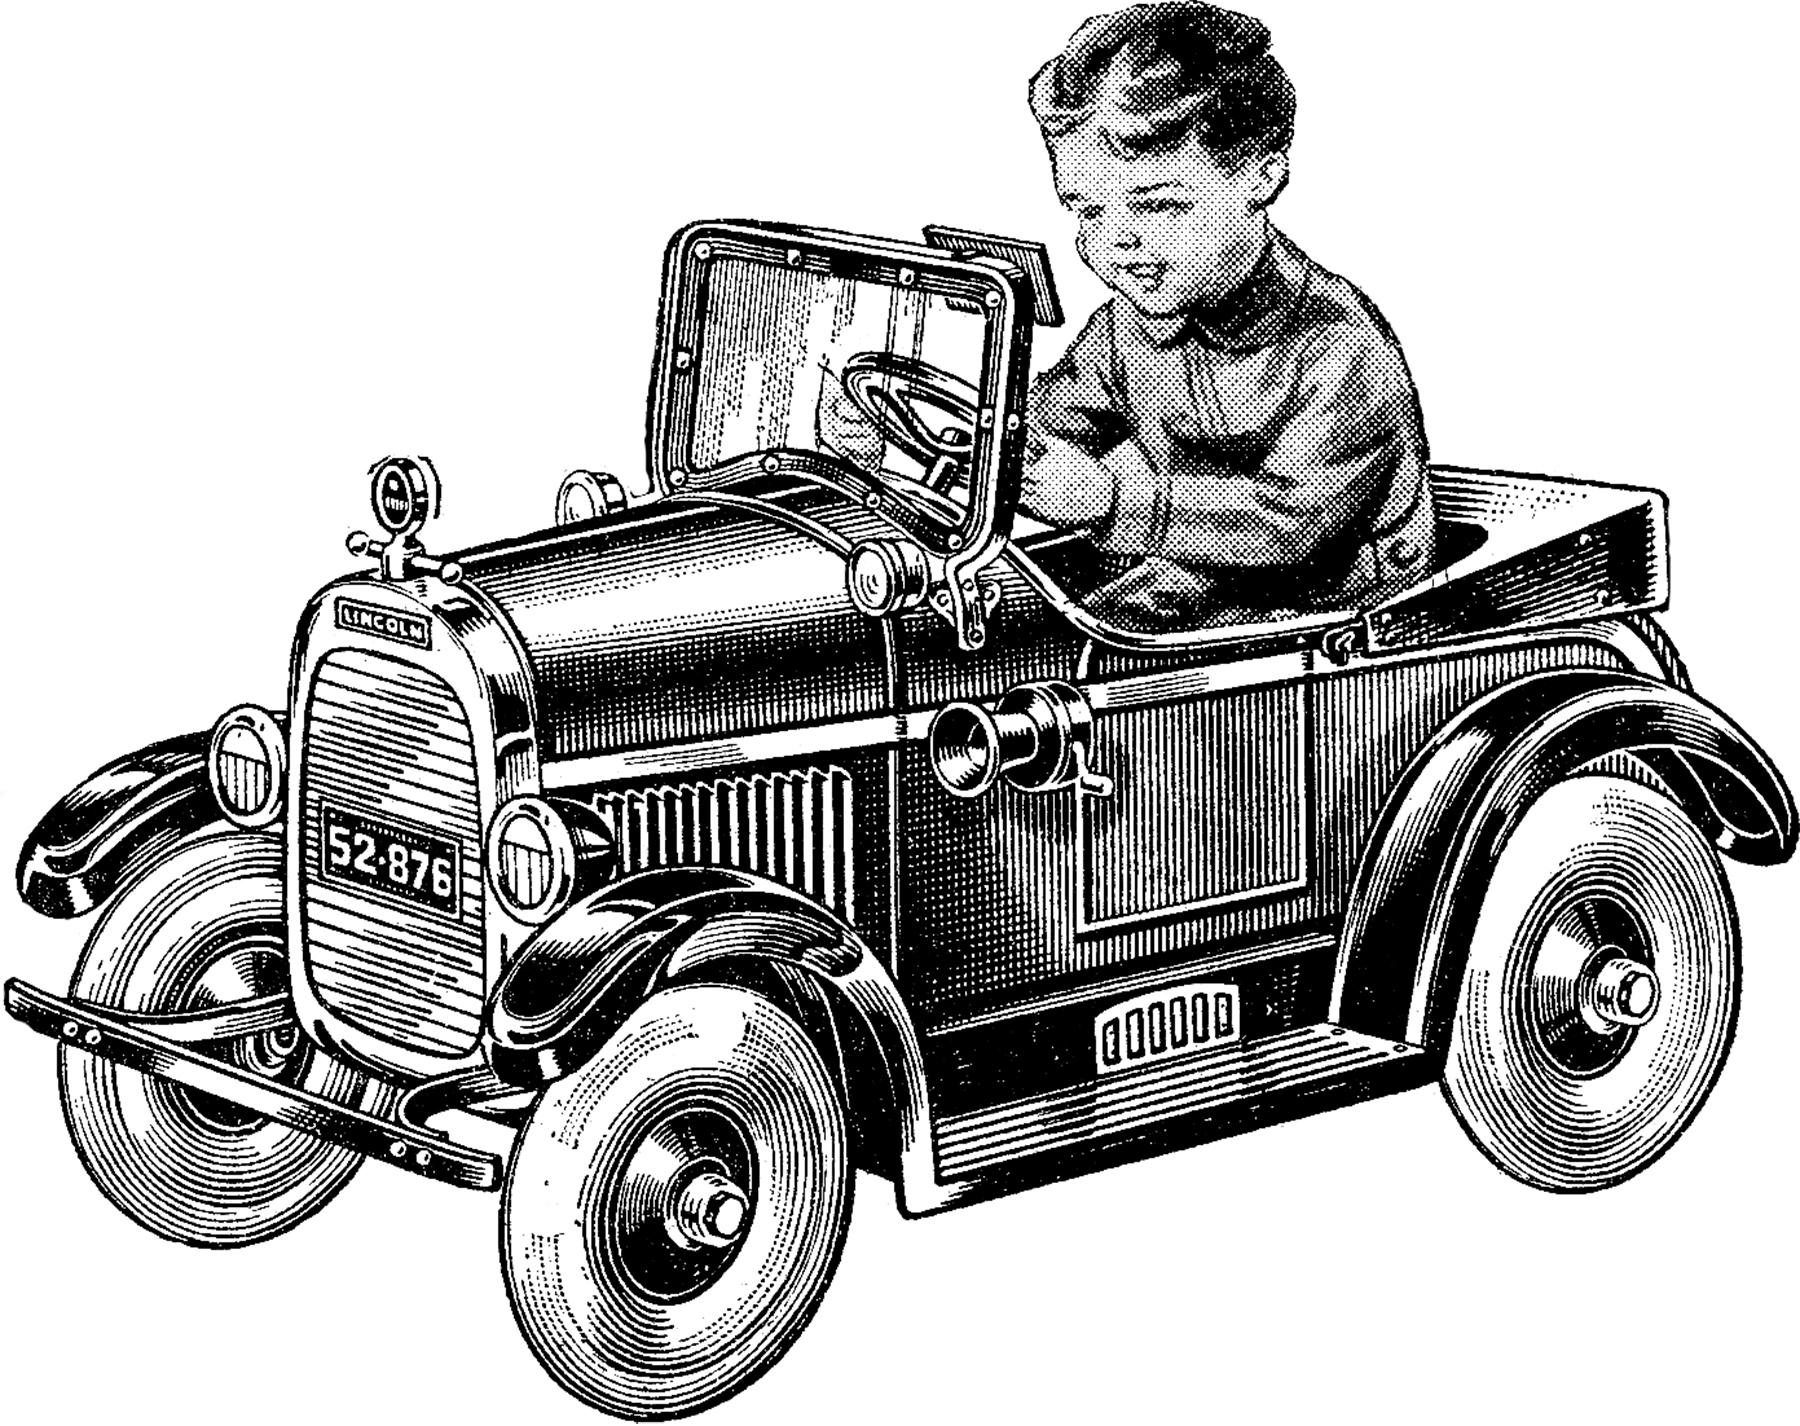 Vintage Pedal Car Image Automobile